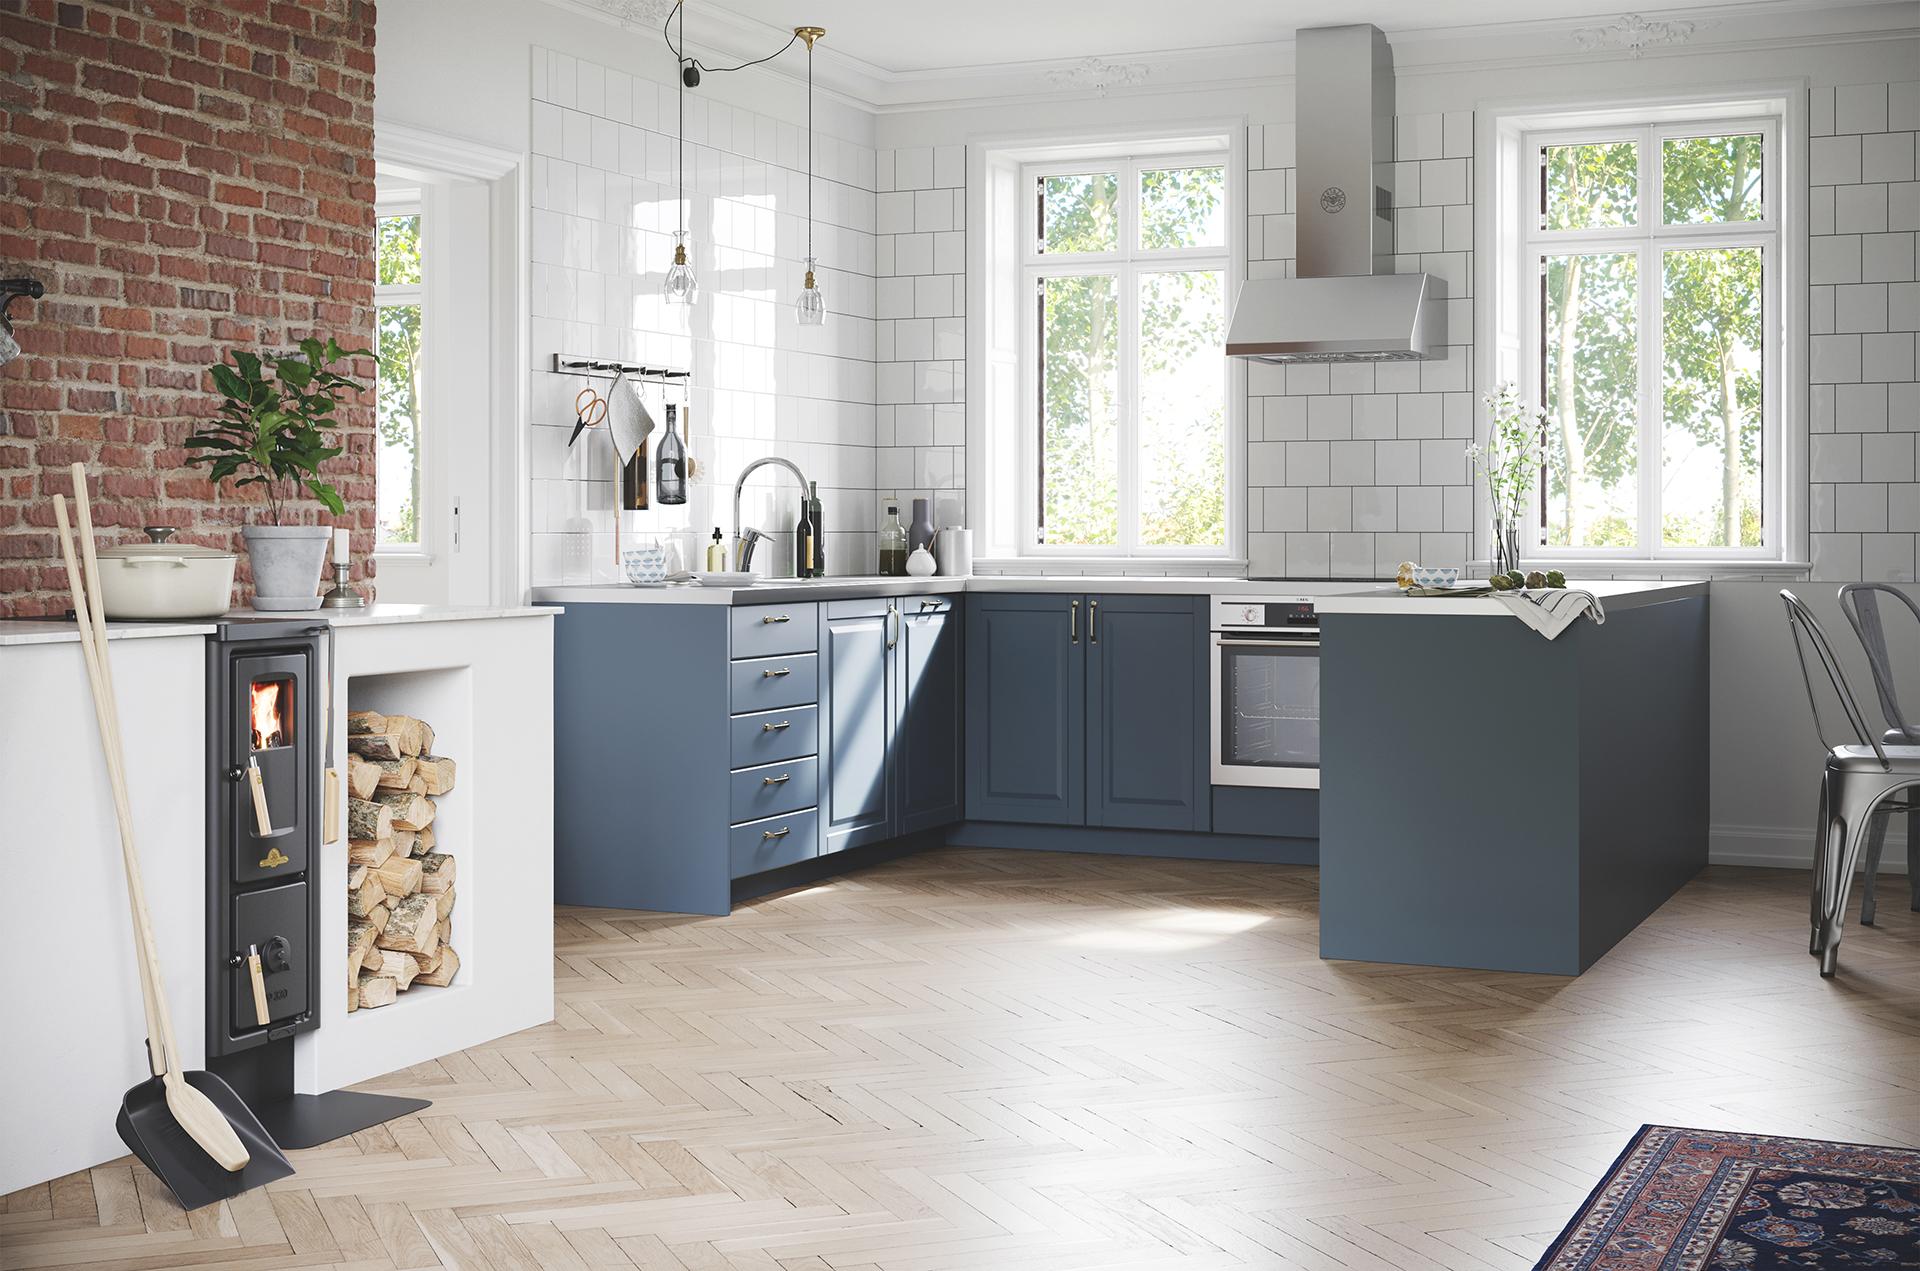 Så planerar du ditt kök | Här är några smarta tips | Josef